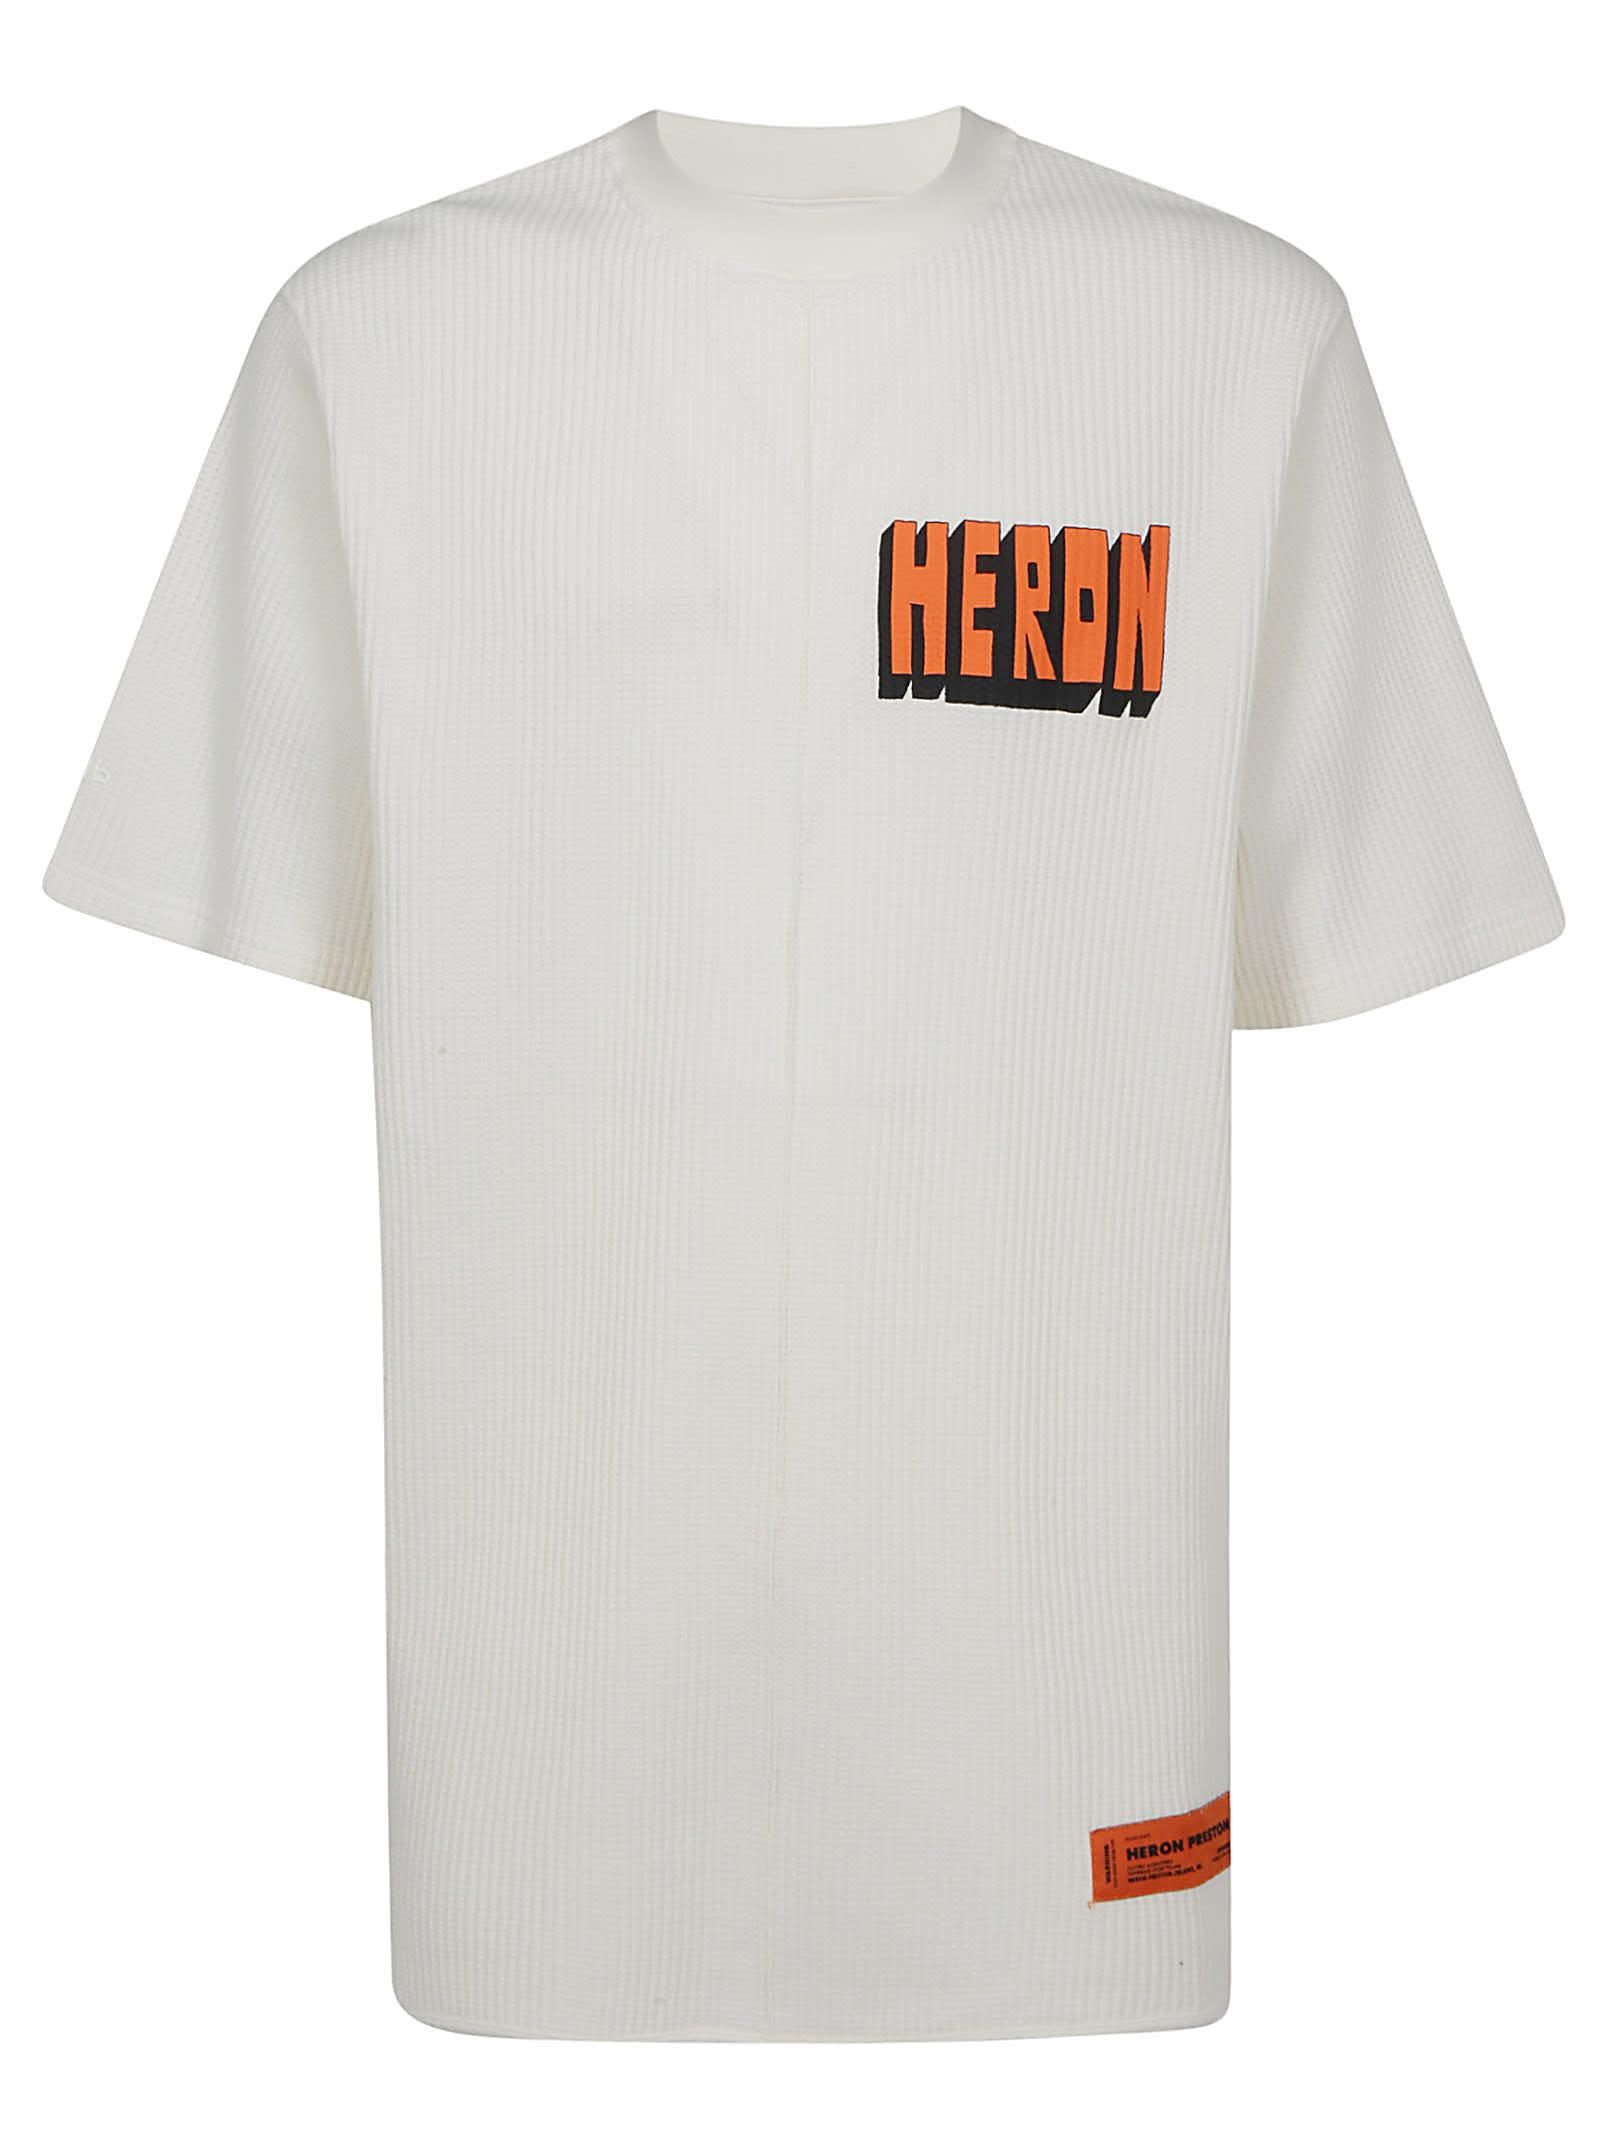 HERON PRESTON Heron Preston T-shirt